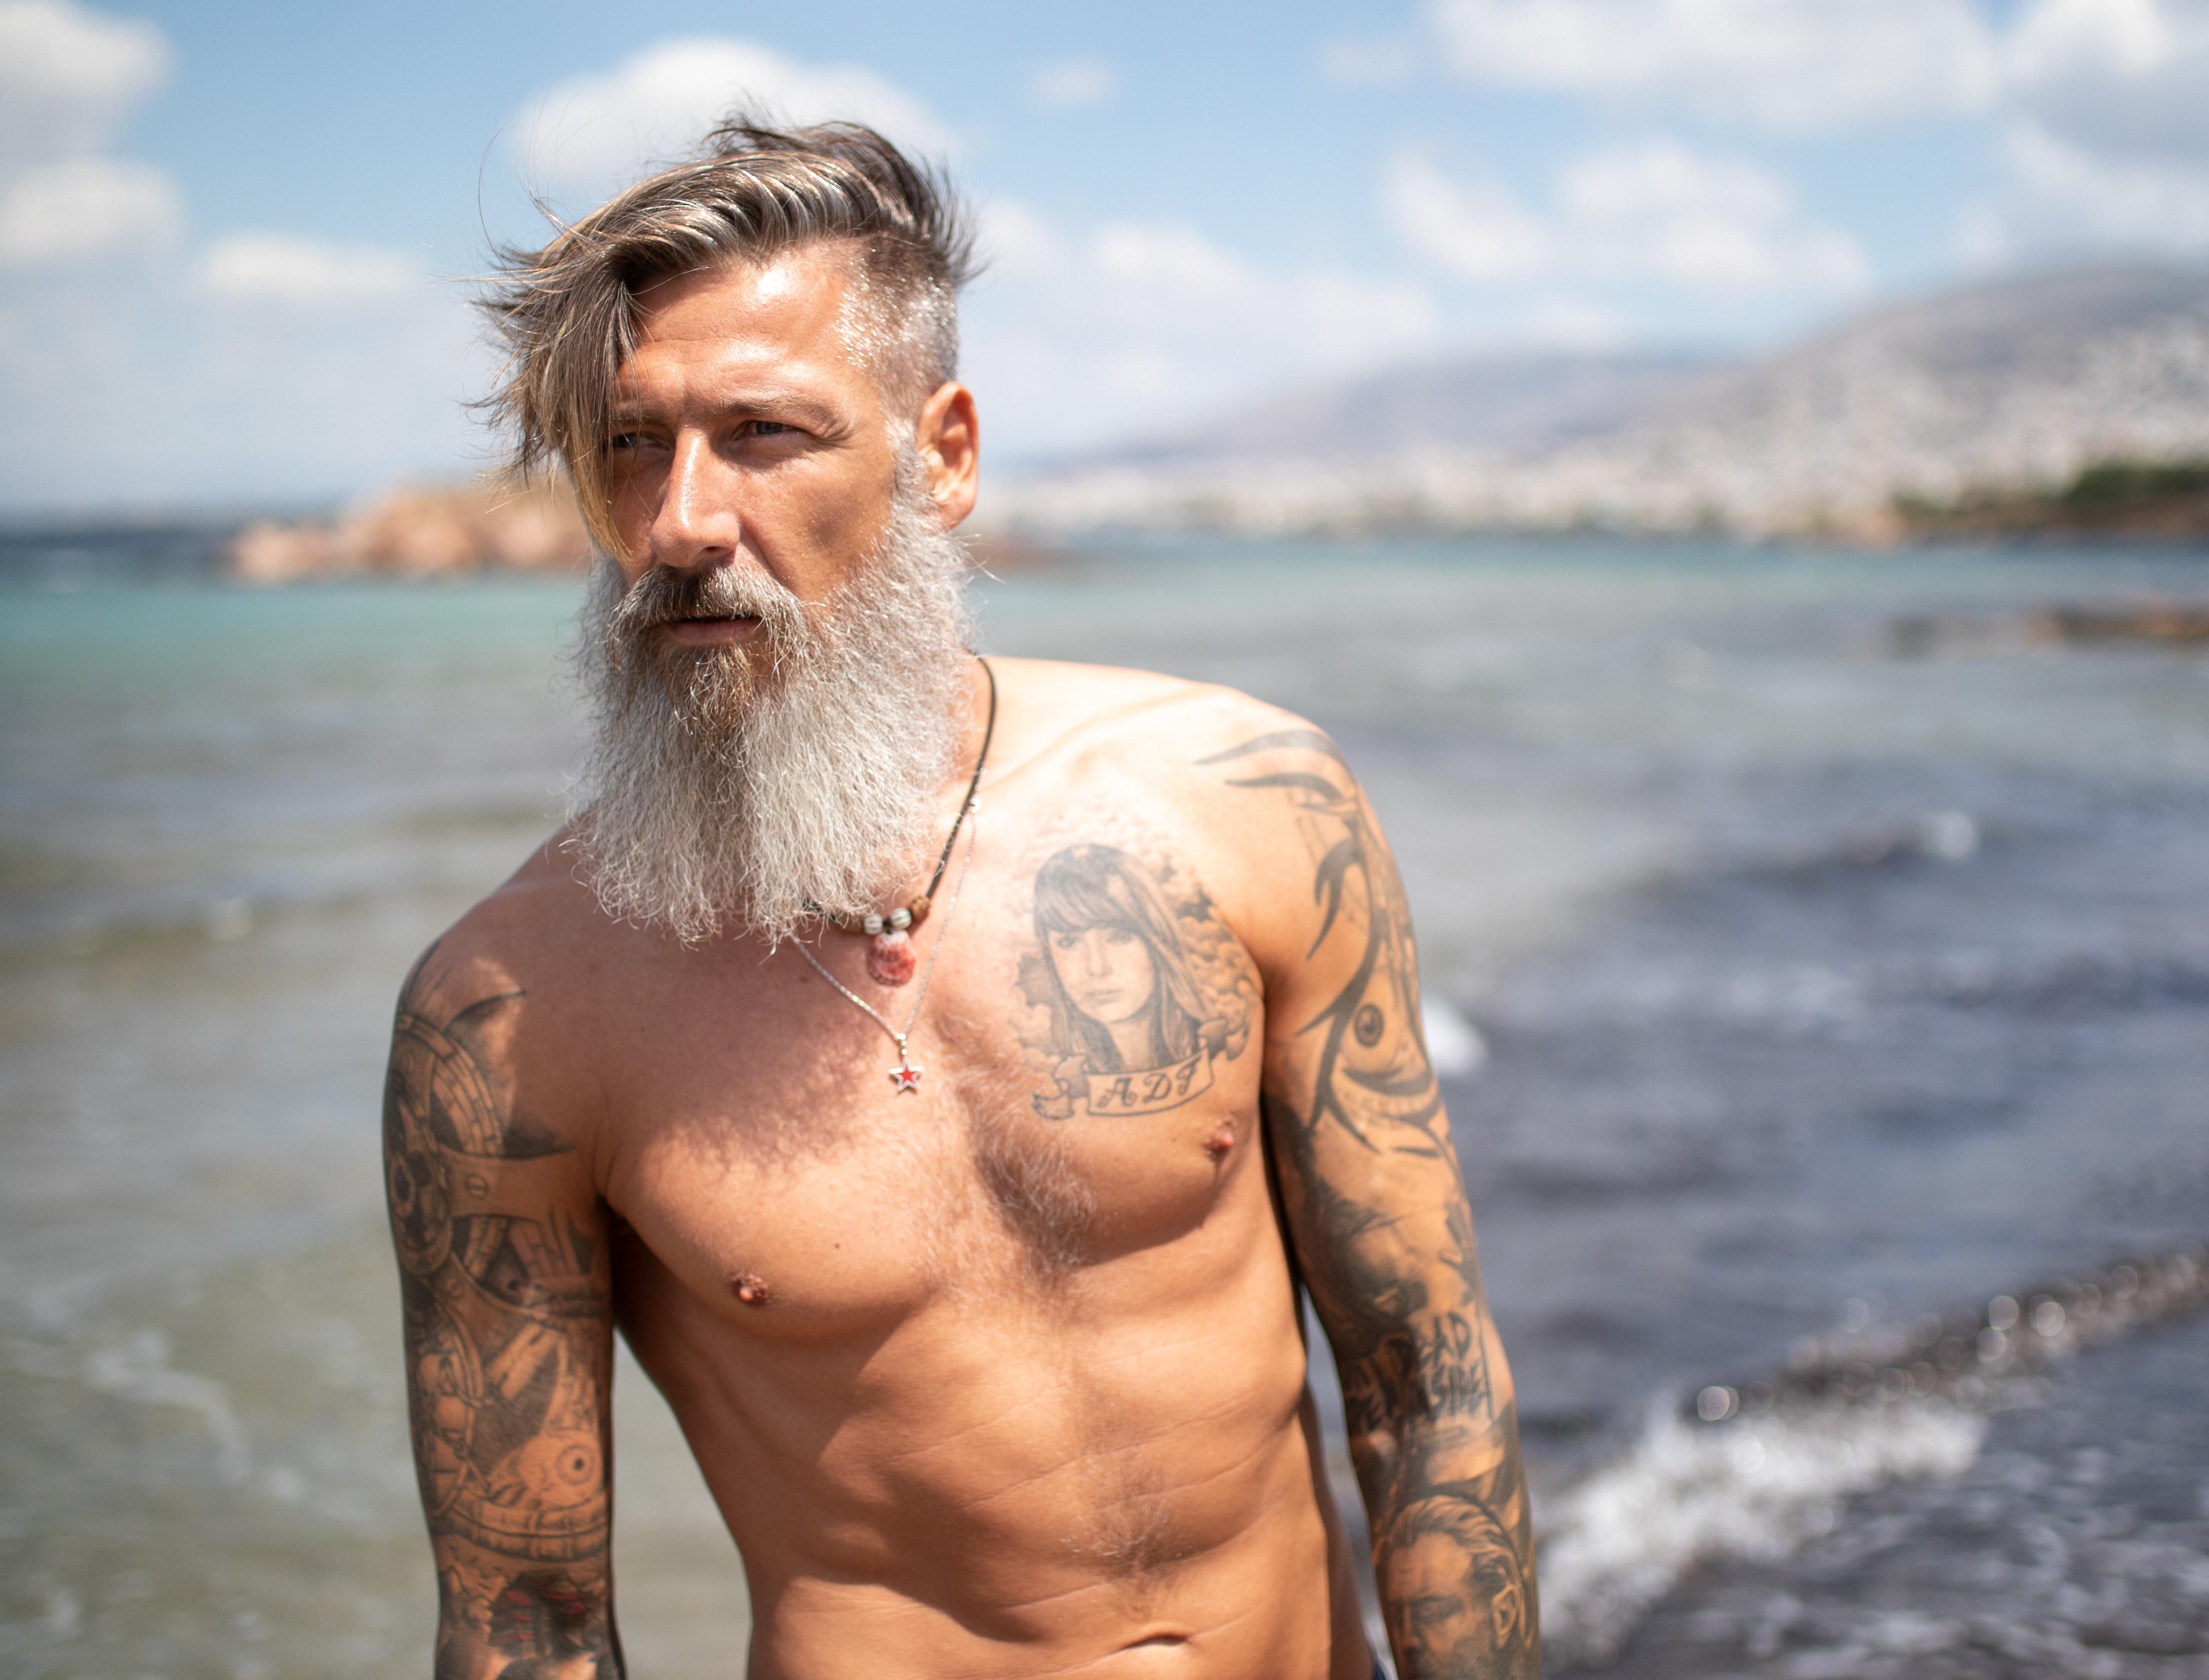 Nahaufnahme eines bärtigen Mannes am Meer